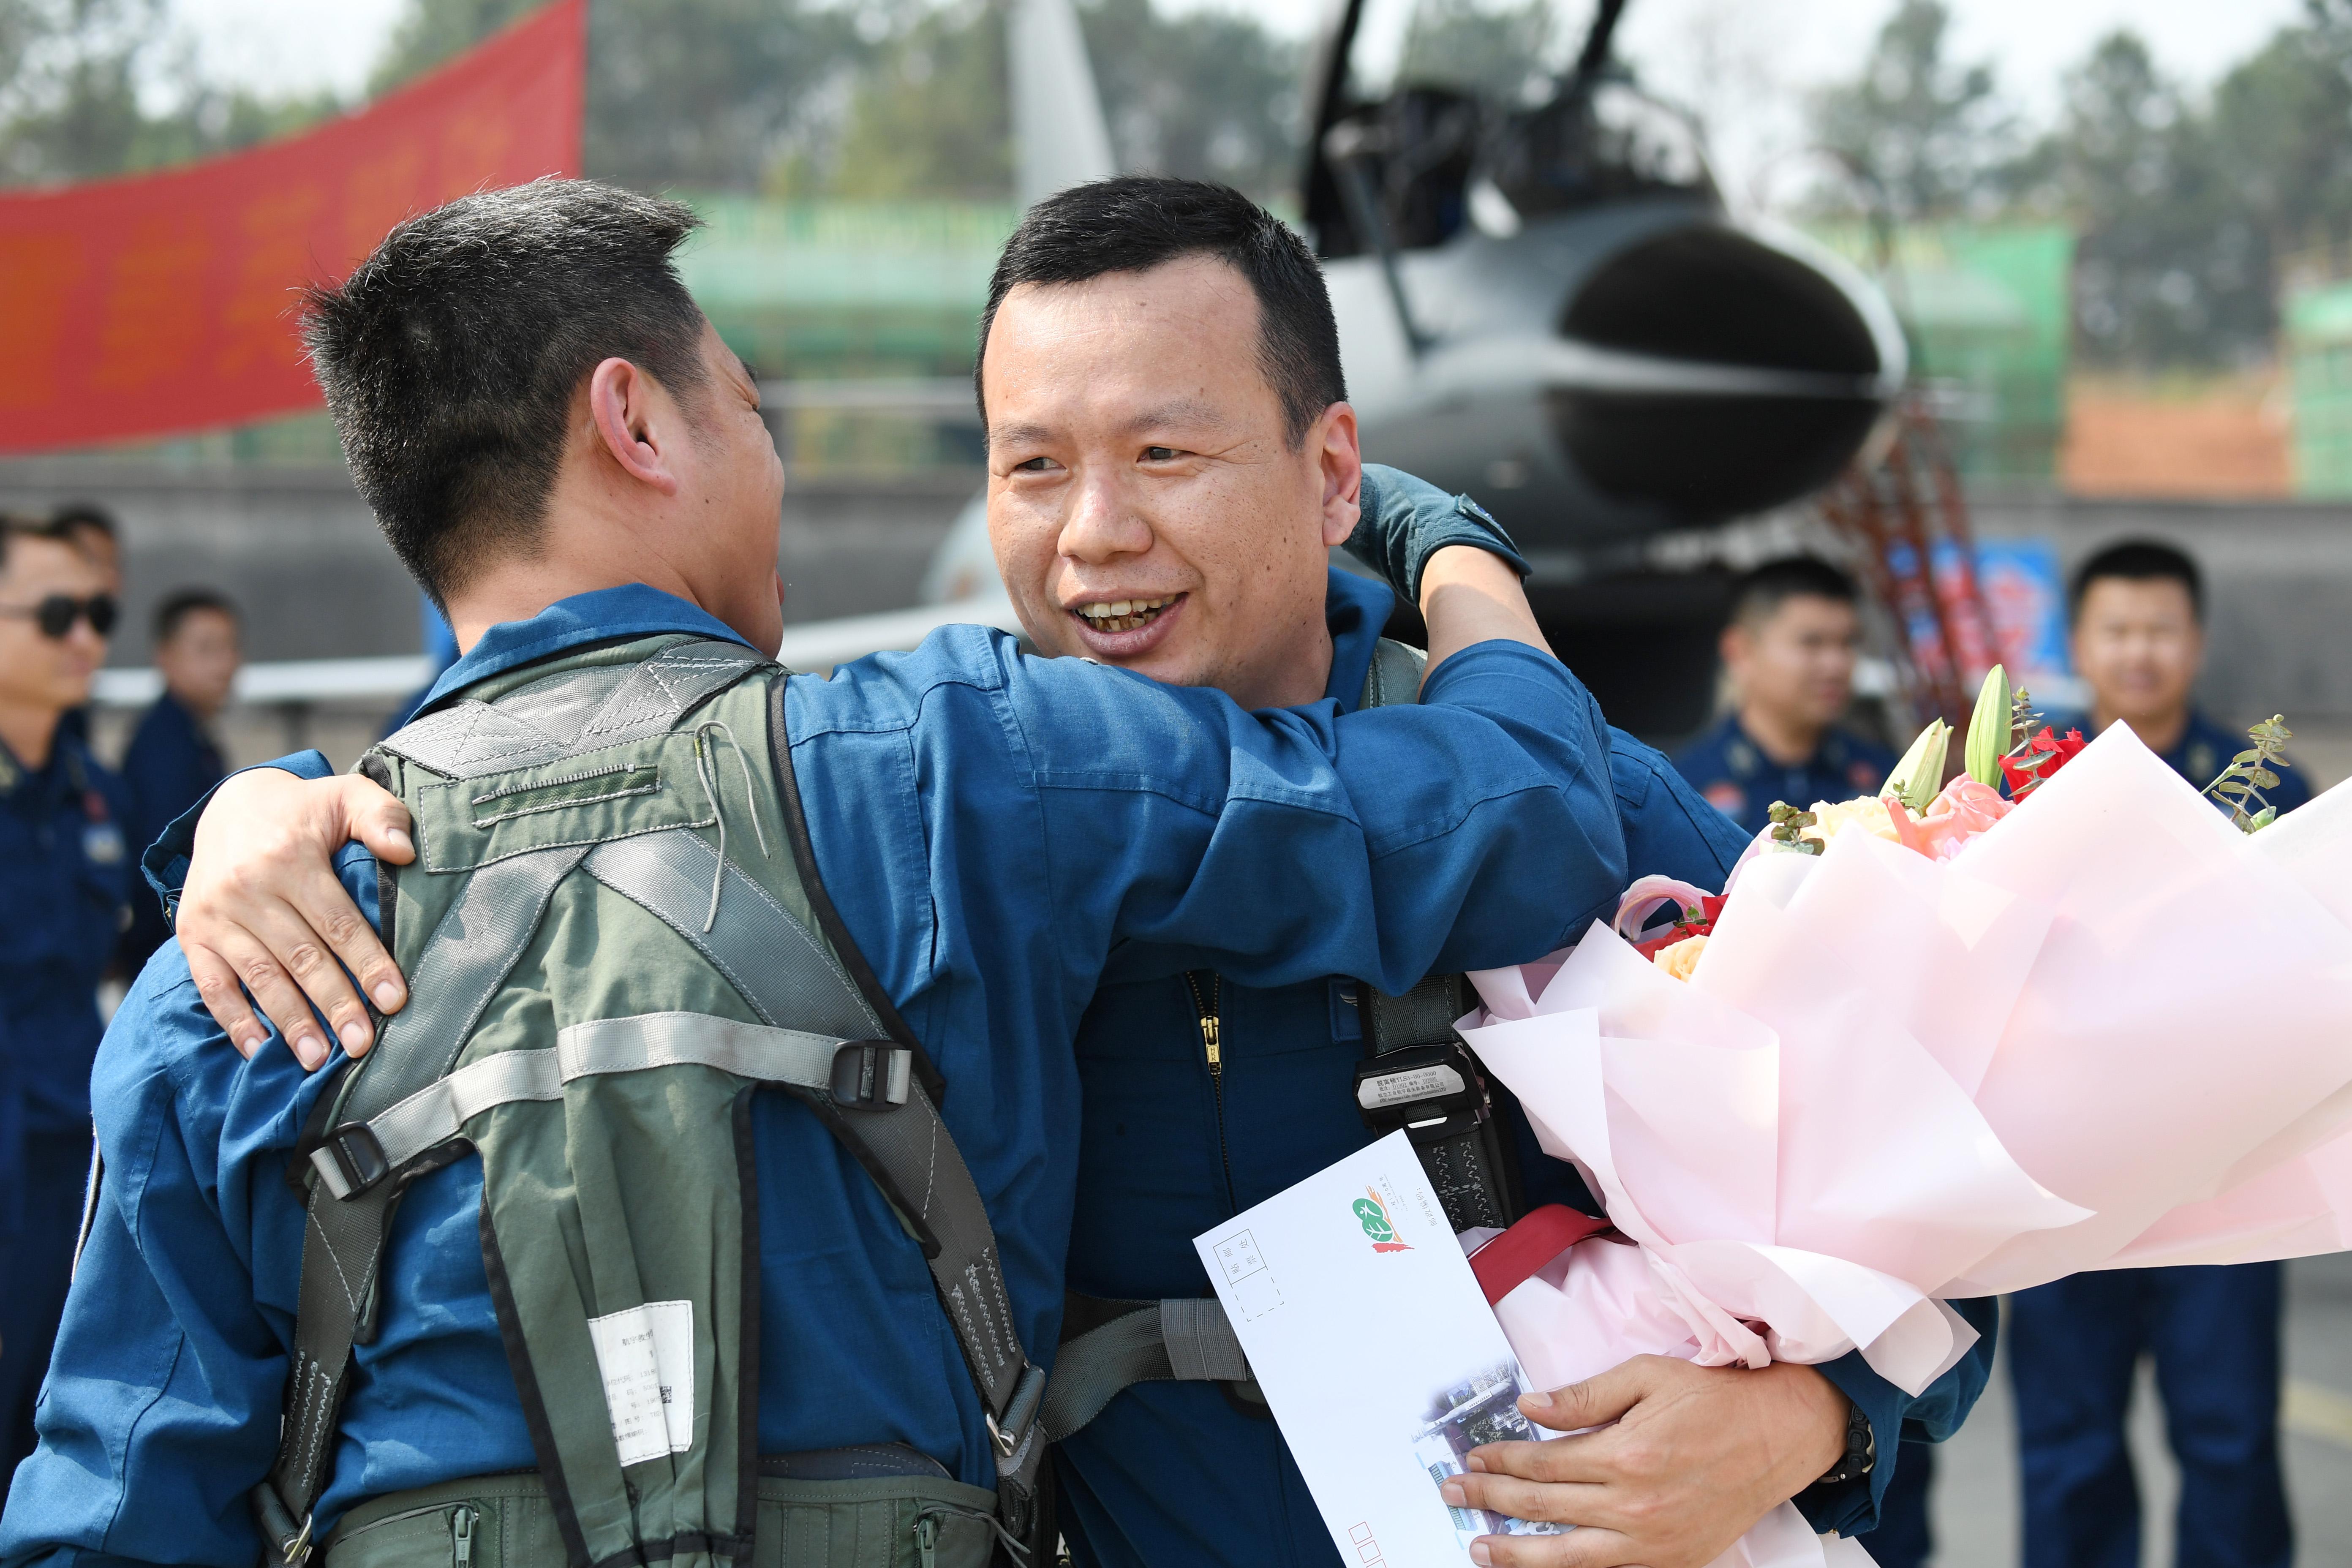 ↑2月23日,复飞重返战位的一等功空军飞行员王建东完成飞行计划后,与战友拥抱庆祝。唐俊 摄